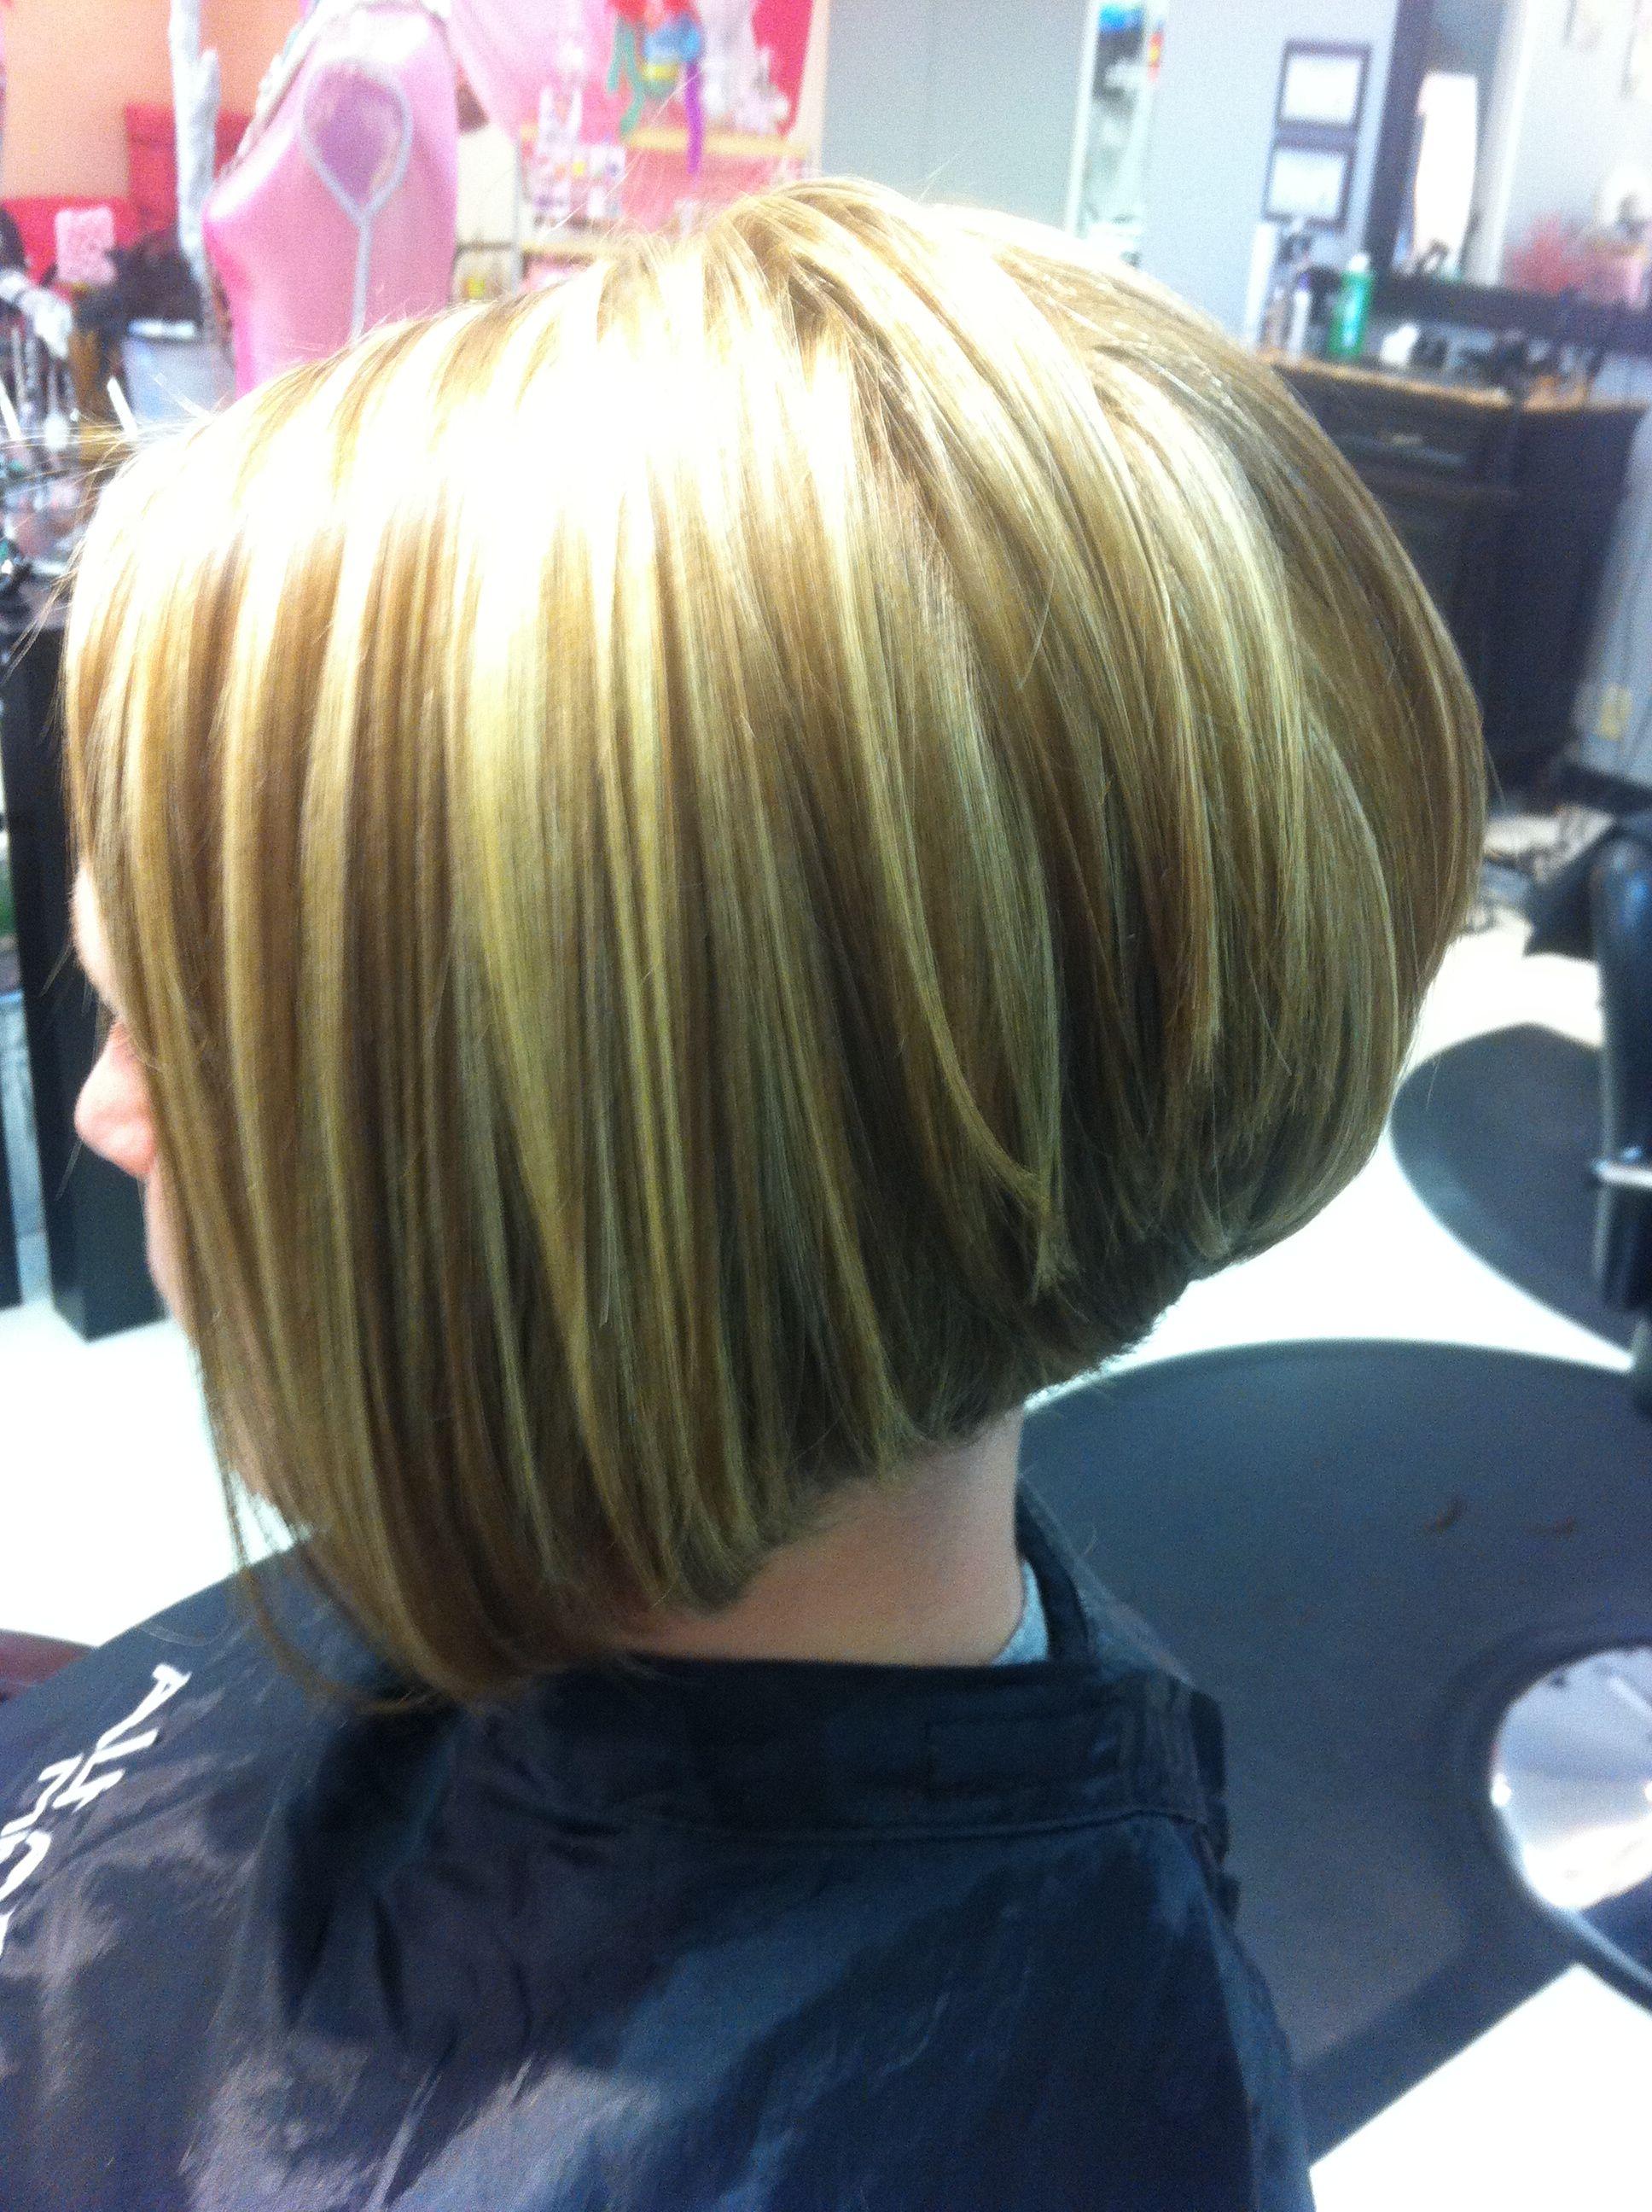 Stacked bob | Bob hairstyles, Short bob haircuts, Layered bob hairstyles